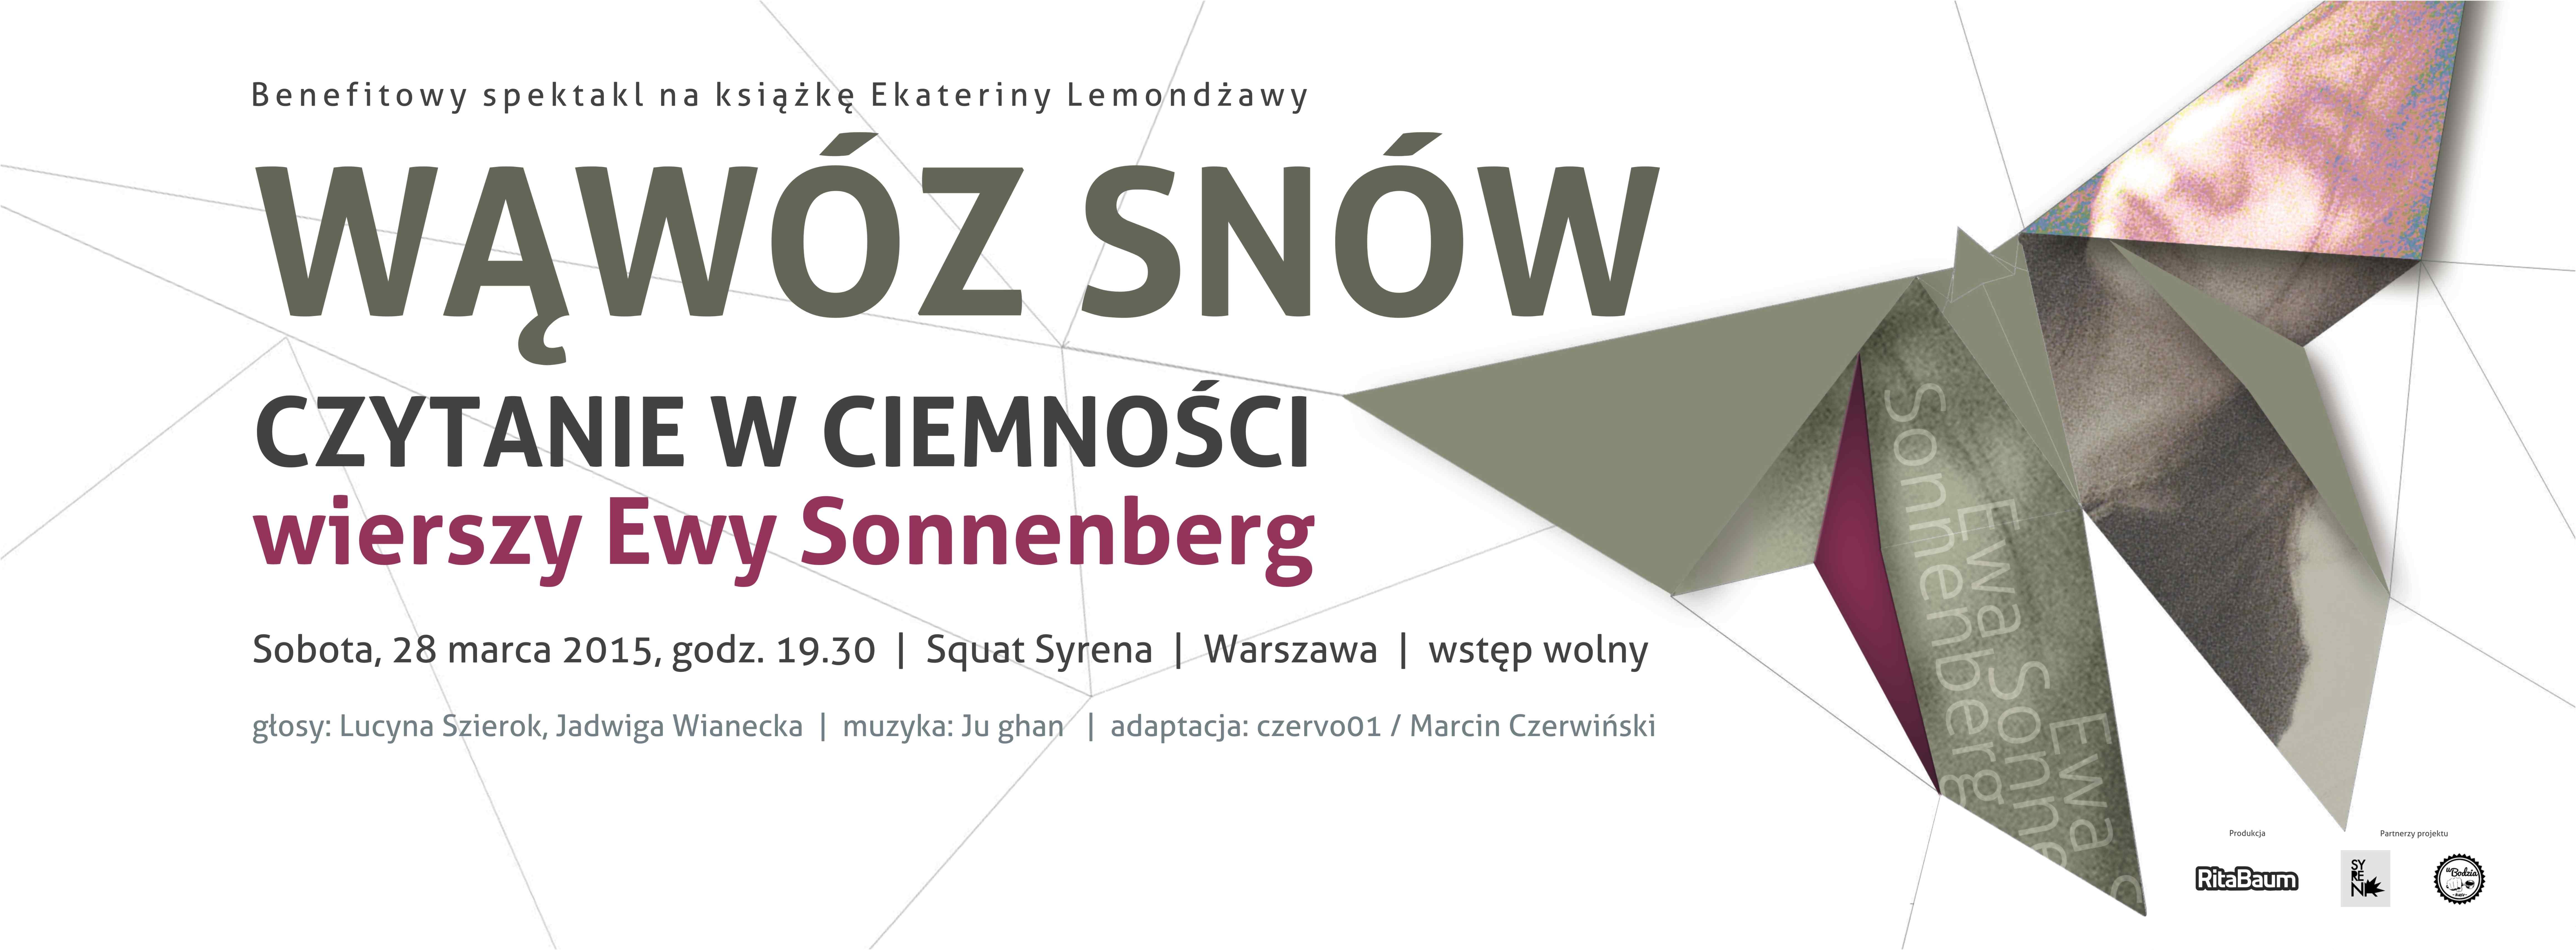 CTW_Wawoz_snow_FB_WARSZAWA_8marca